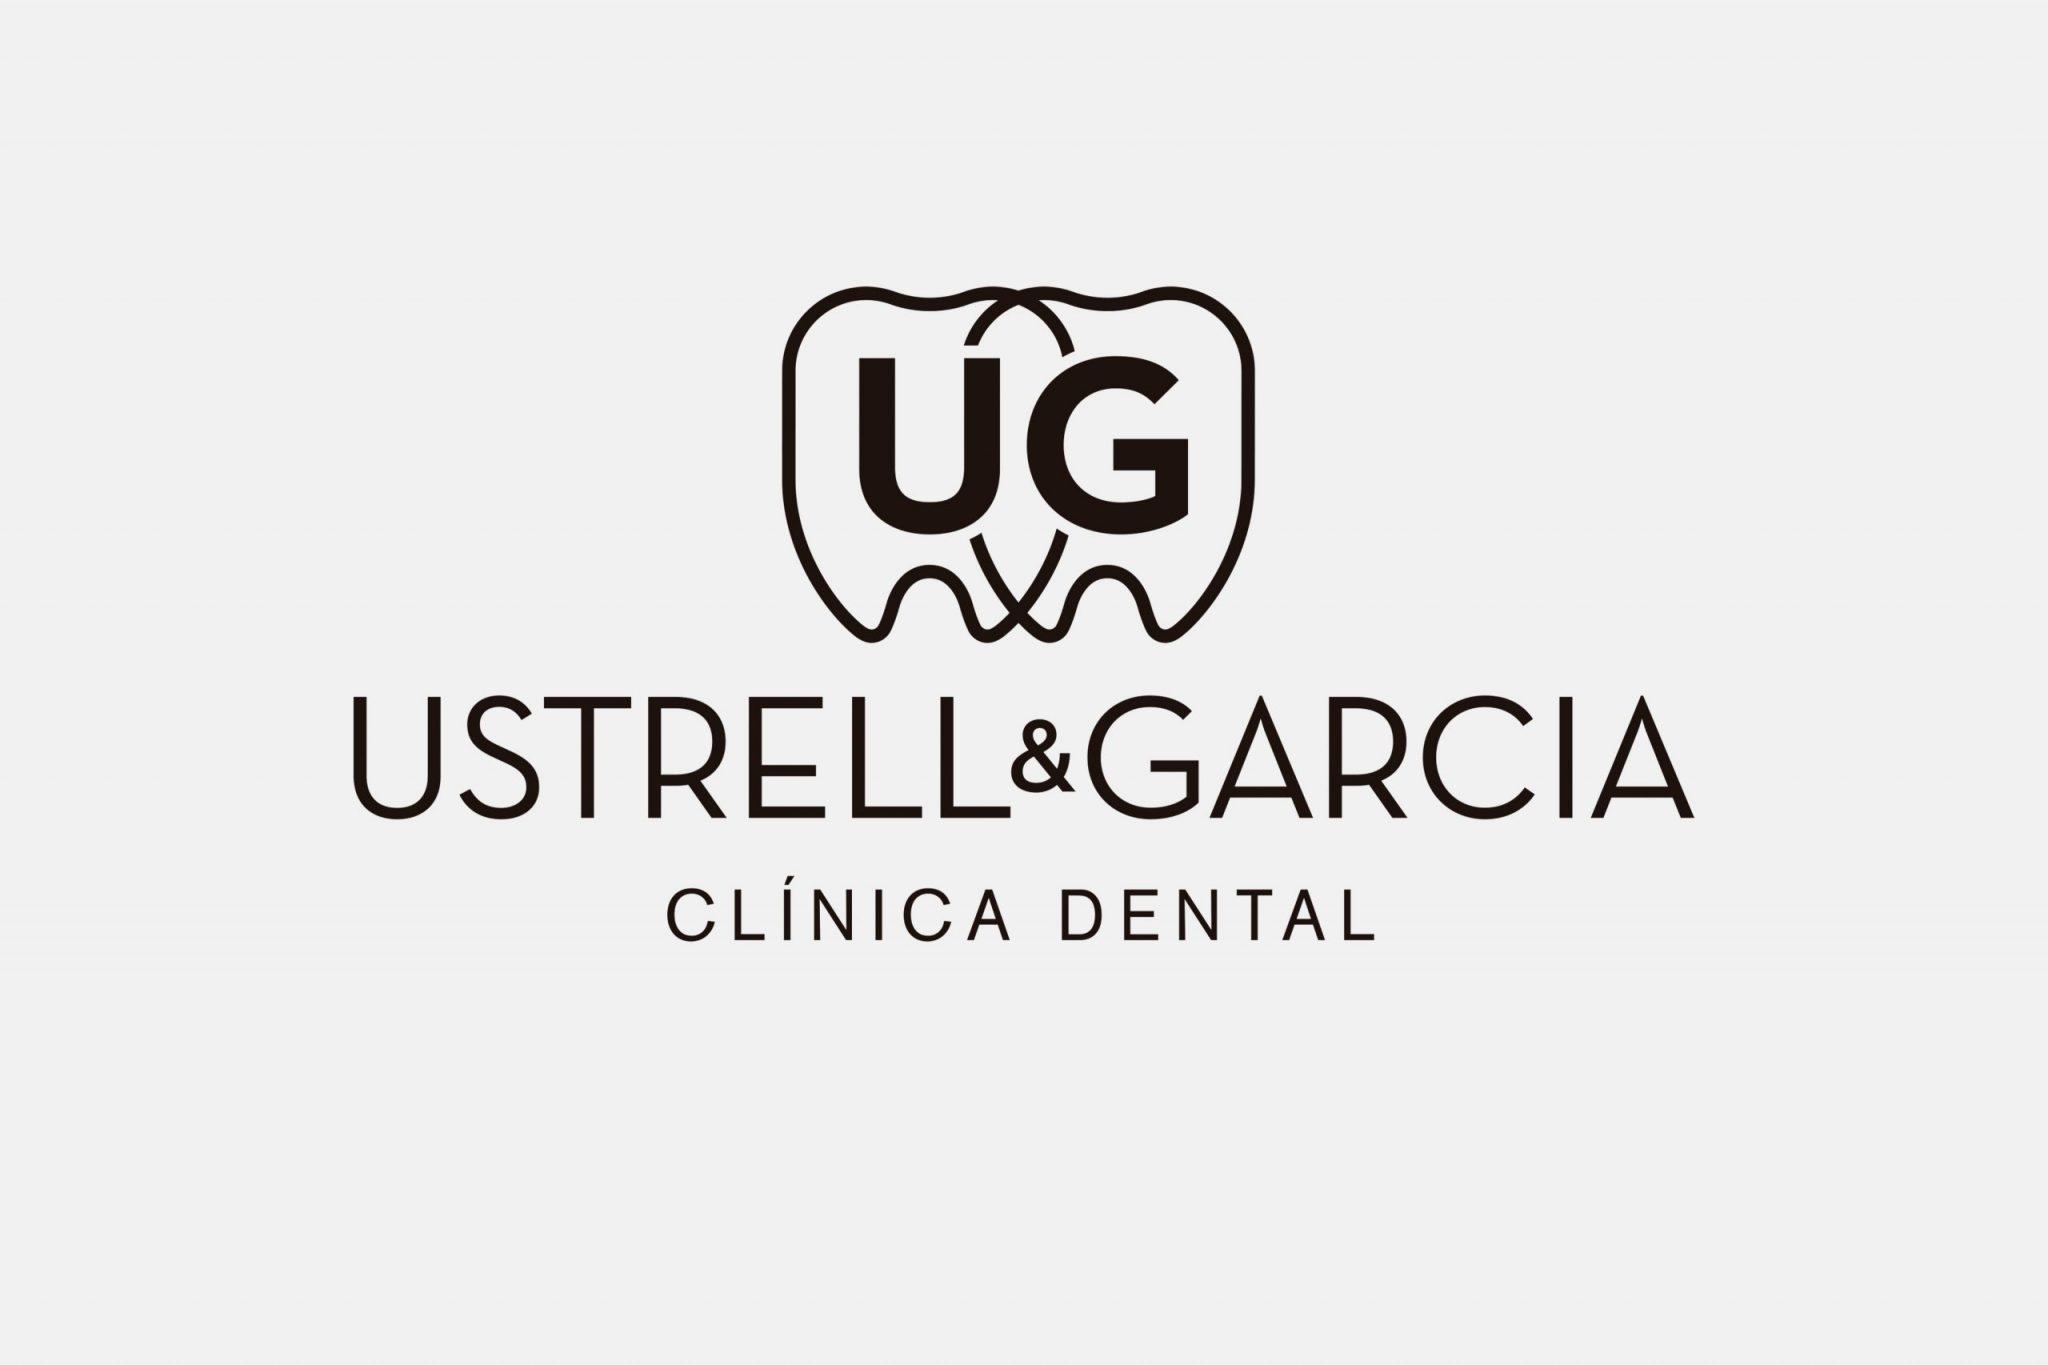 Logotipo clínica dental 1 tinta